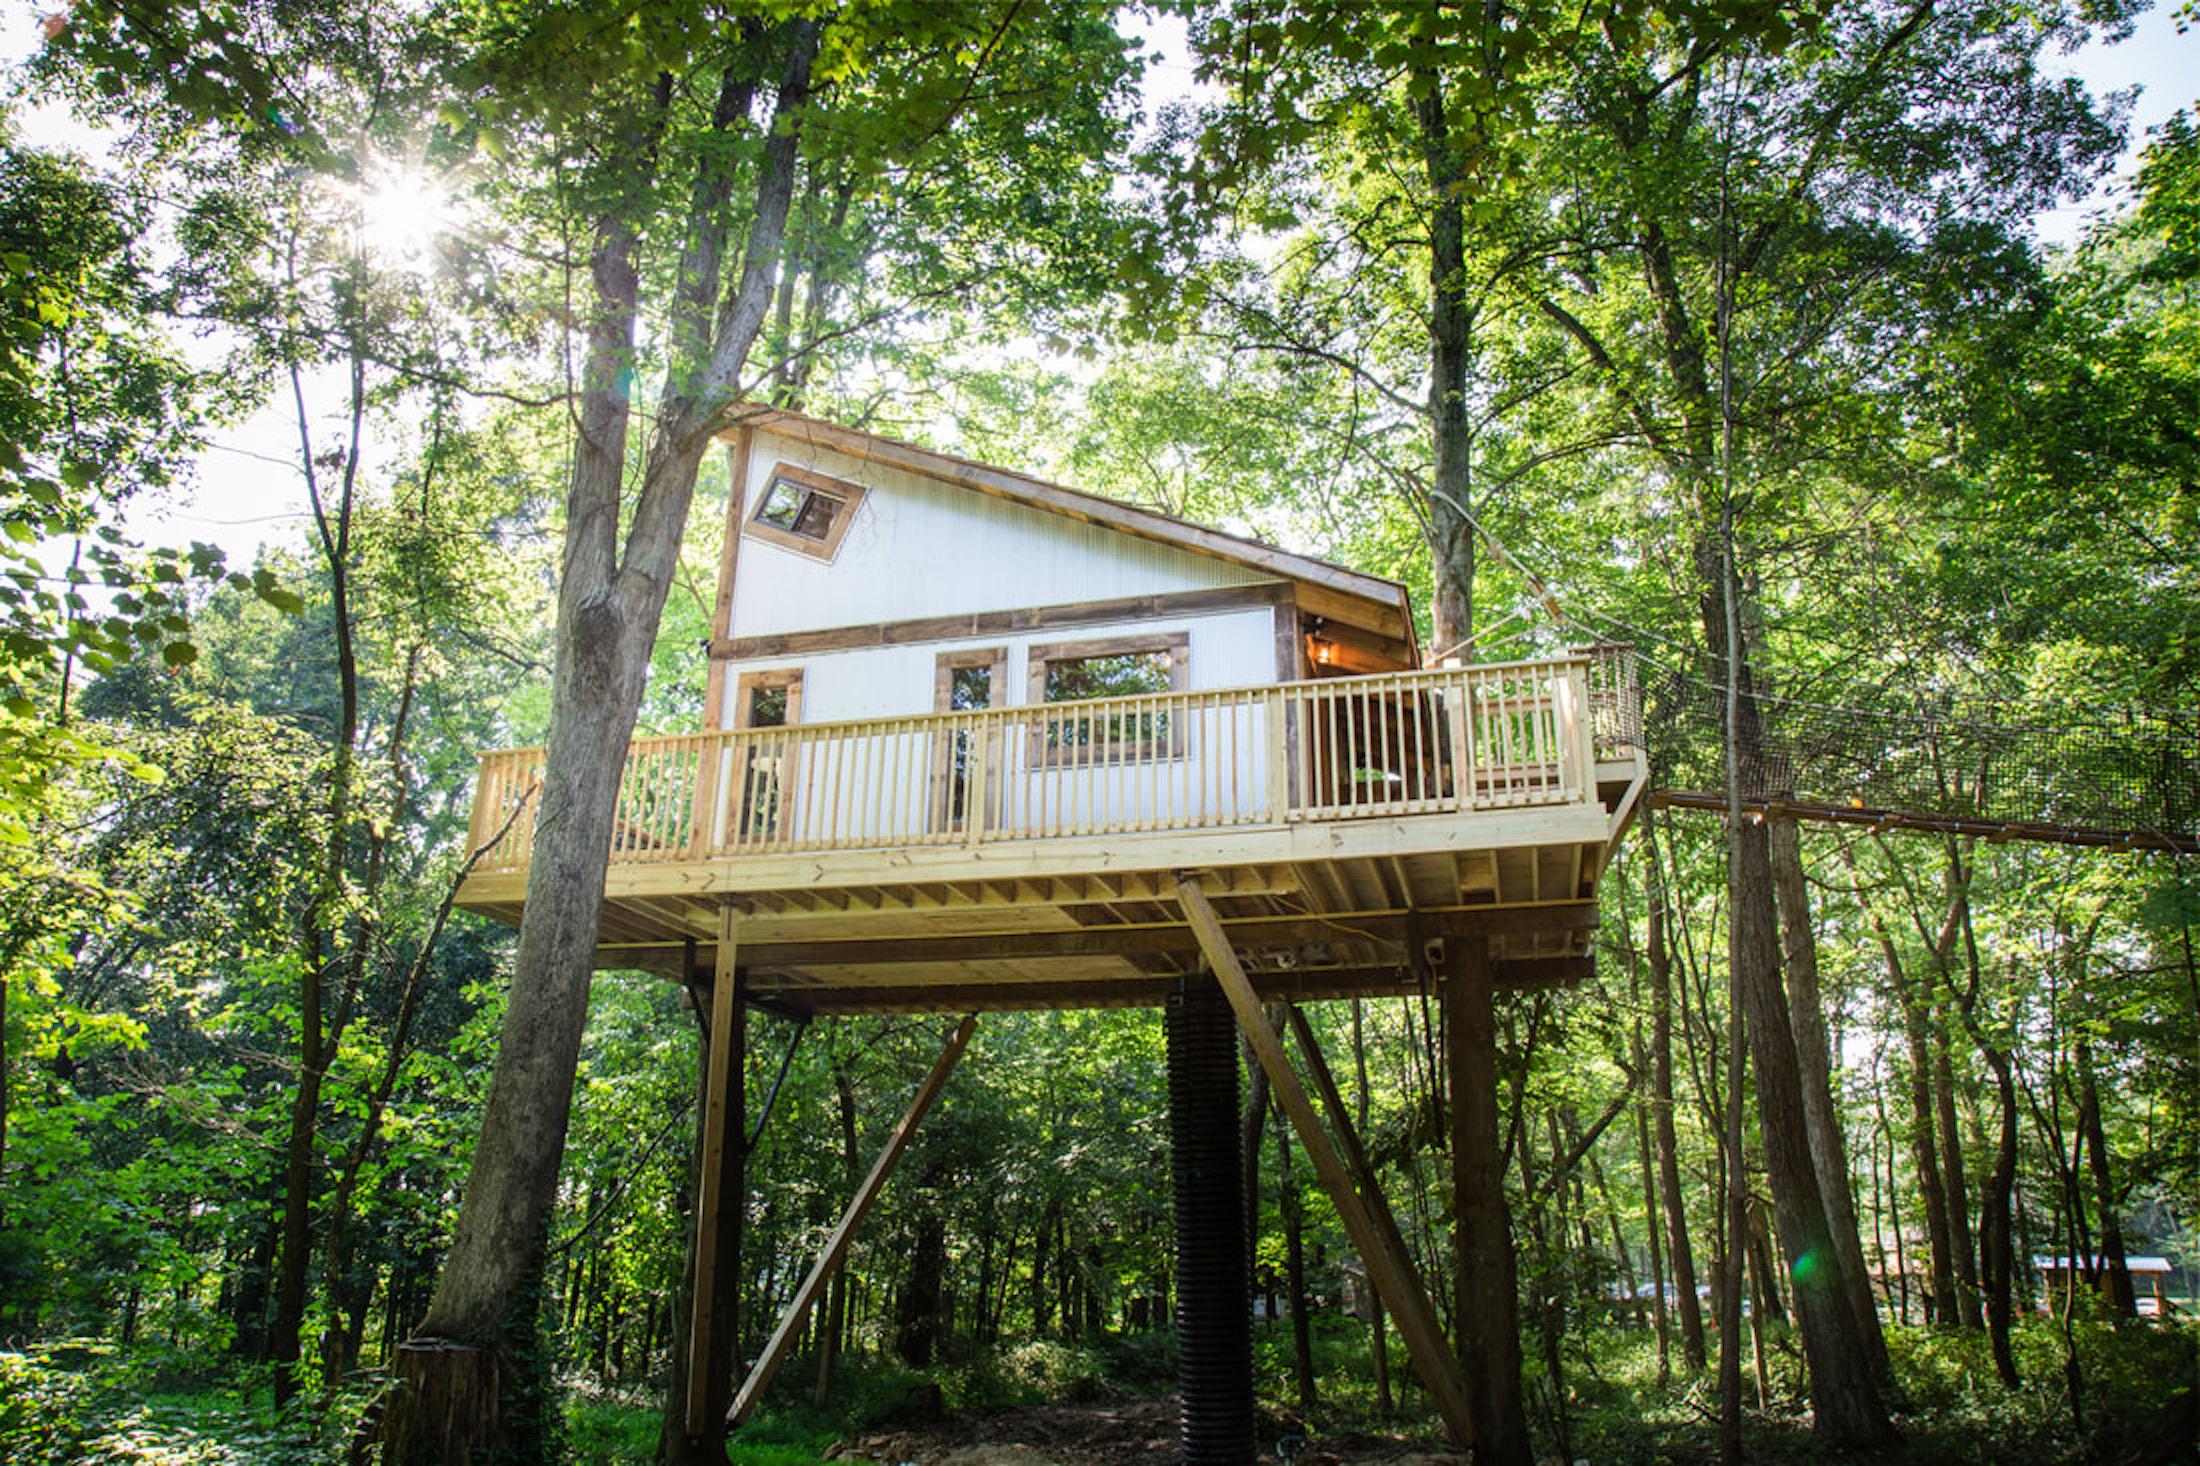 Tin Shed Treehouse Glenmont, Ohio